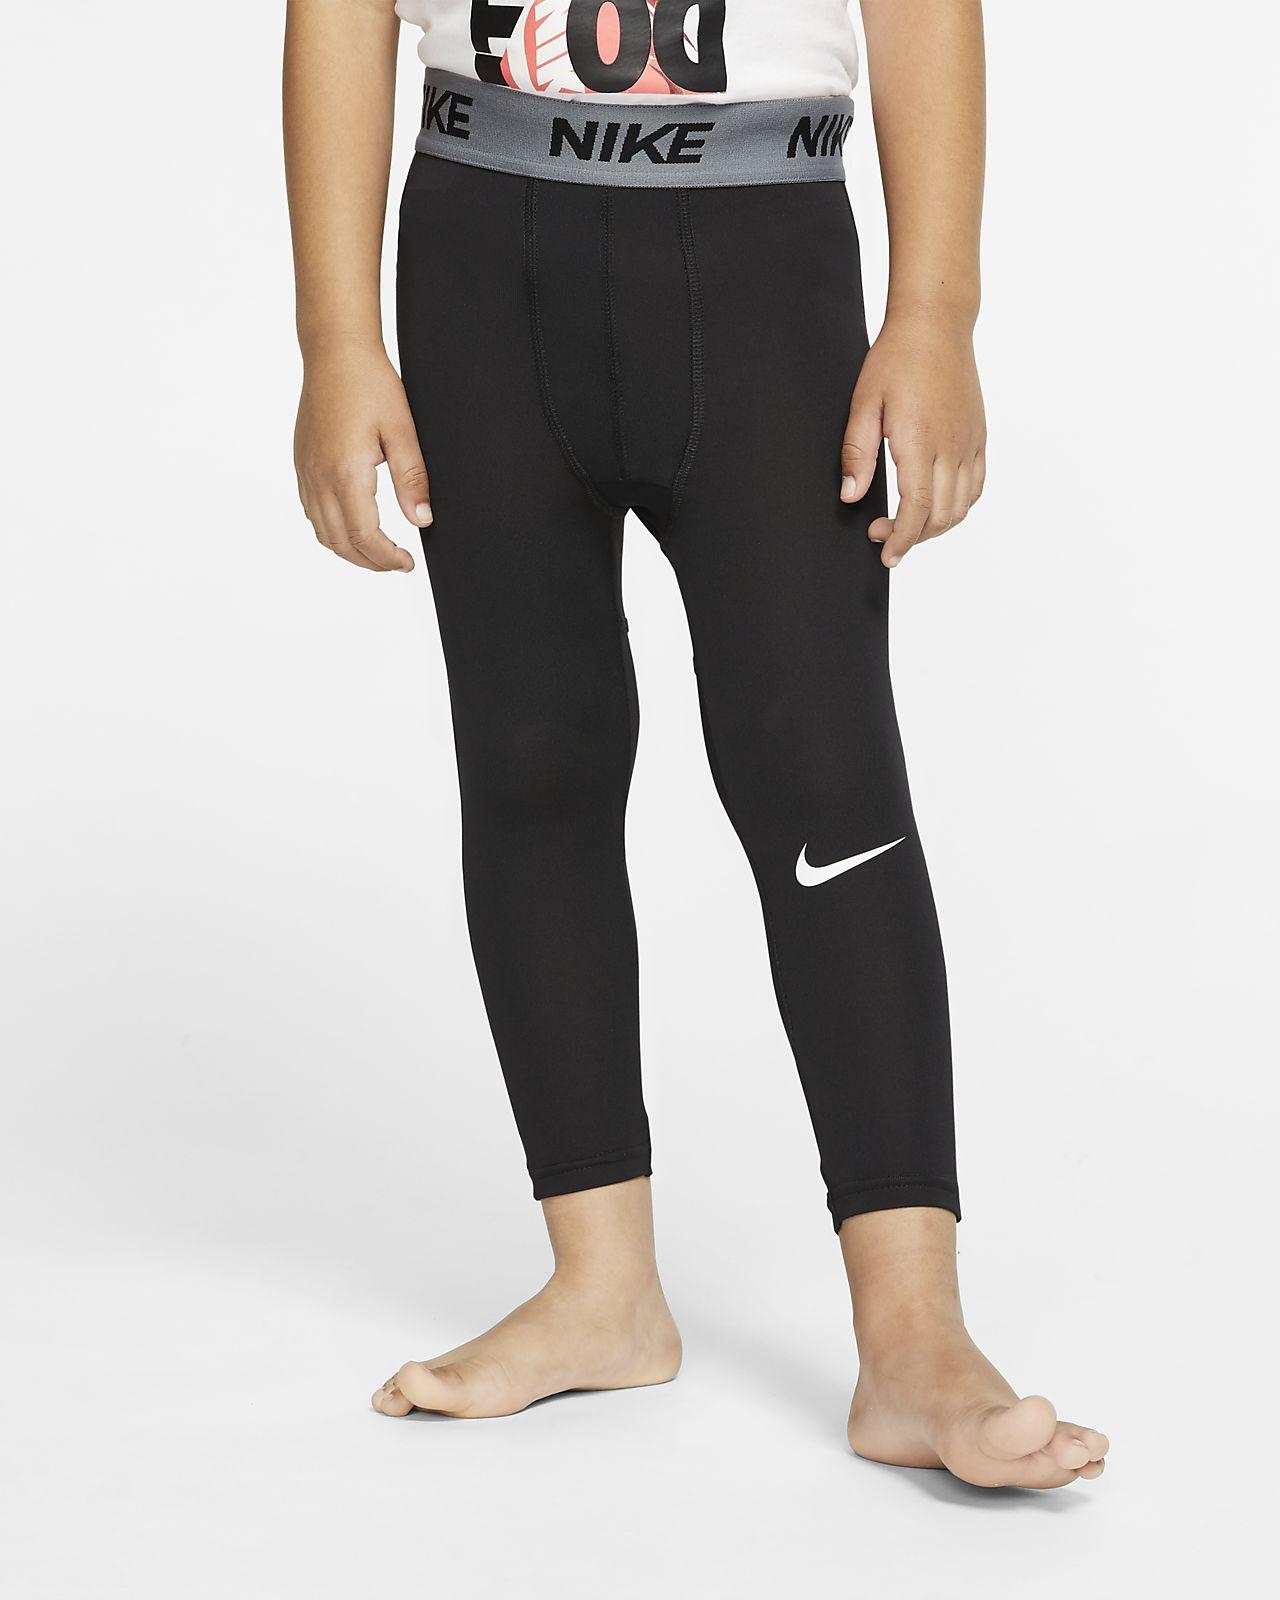 Nike Dri-FIT Toddler Leggings